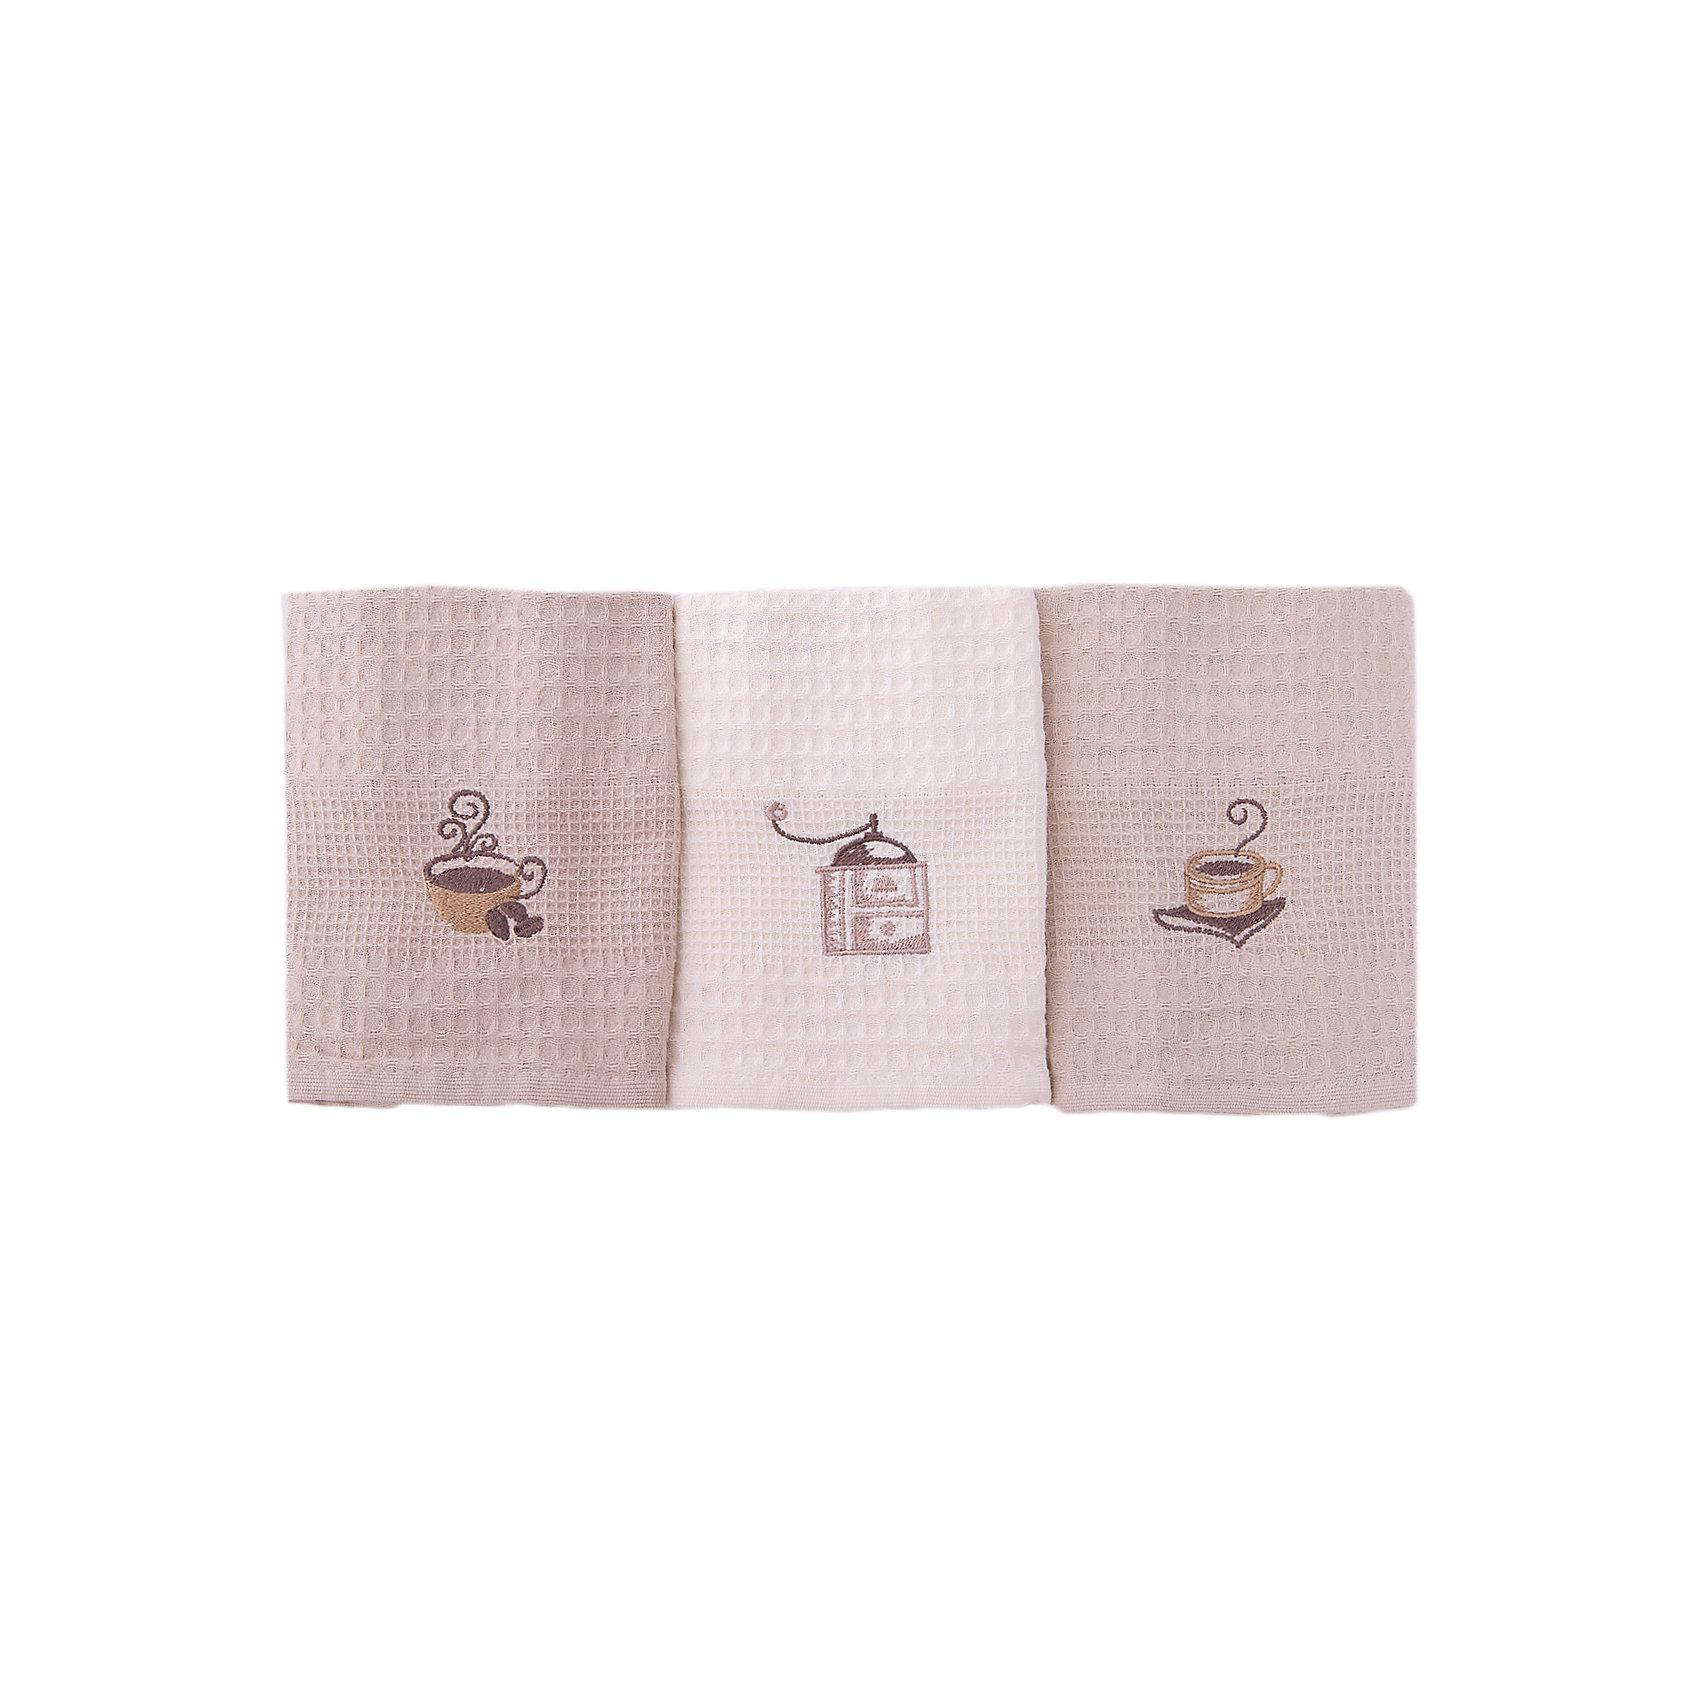 Набор кухонных полотенец 40*60, 3шт., TAC, кофеВанная комната<br>Характеристики:<br><br>• Вид домашнего текстиля: кухонное полотенце<br>• Размеры полотенца: 40*60 см<br>• Рисунок: кофе<br>• Декор: вышивка<br>• Материал: хлопок, 100% <br>• Цвет: молочный, кофейный, бежевый<br>• Плотность полотна: 350 гр/м2 <br>• Комплектация: 3 полотенца<br>• Вес: 300 г<br>• Размеры упаковки (Д*Ш*В): 21*5*19 см<br>• Подарочная упаковка<br>• Особенности ухода: машинная стирка <br><br>Полотенца выполнены из натурального хлопка, что обеспечивает высокие впитывающие и износоустойчивые качества. Благодаря высокой степени плотности махры, изделия отлично впитывают влагу, легко отстирываются от пятен и не требуют глажки. В наборе одно полотенце молочного цвета, два – кофейного, декорированы вышивкой.<br><br>Набор кухонных полотенец 40*60, 3шт., TAC, кофе можно купить в нашем интернет-магазине.<br><br>Ширина мм: 200<br>Глубина мм: 50<br>Высота мм: 180<br>Вес г: 600<br>Возраст от месяцев: 216<br>Возраст до месяцев: 1188<br>Пол: Унисекс<br>Возраст: Детский<br>SKU: 5476378